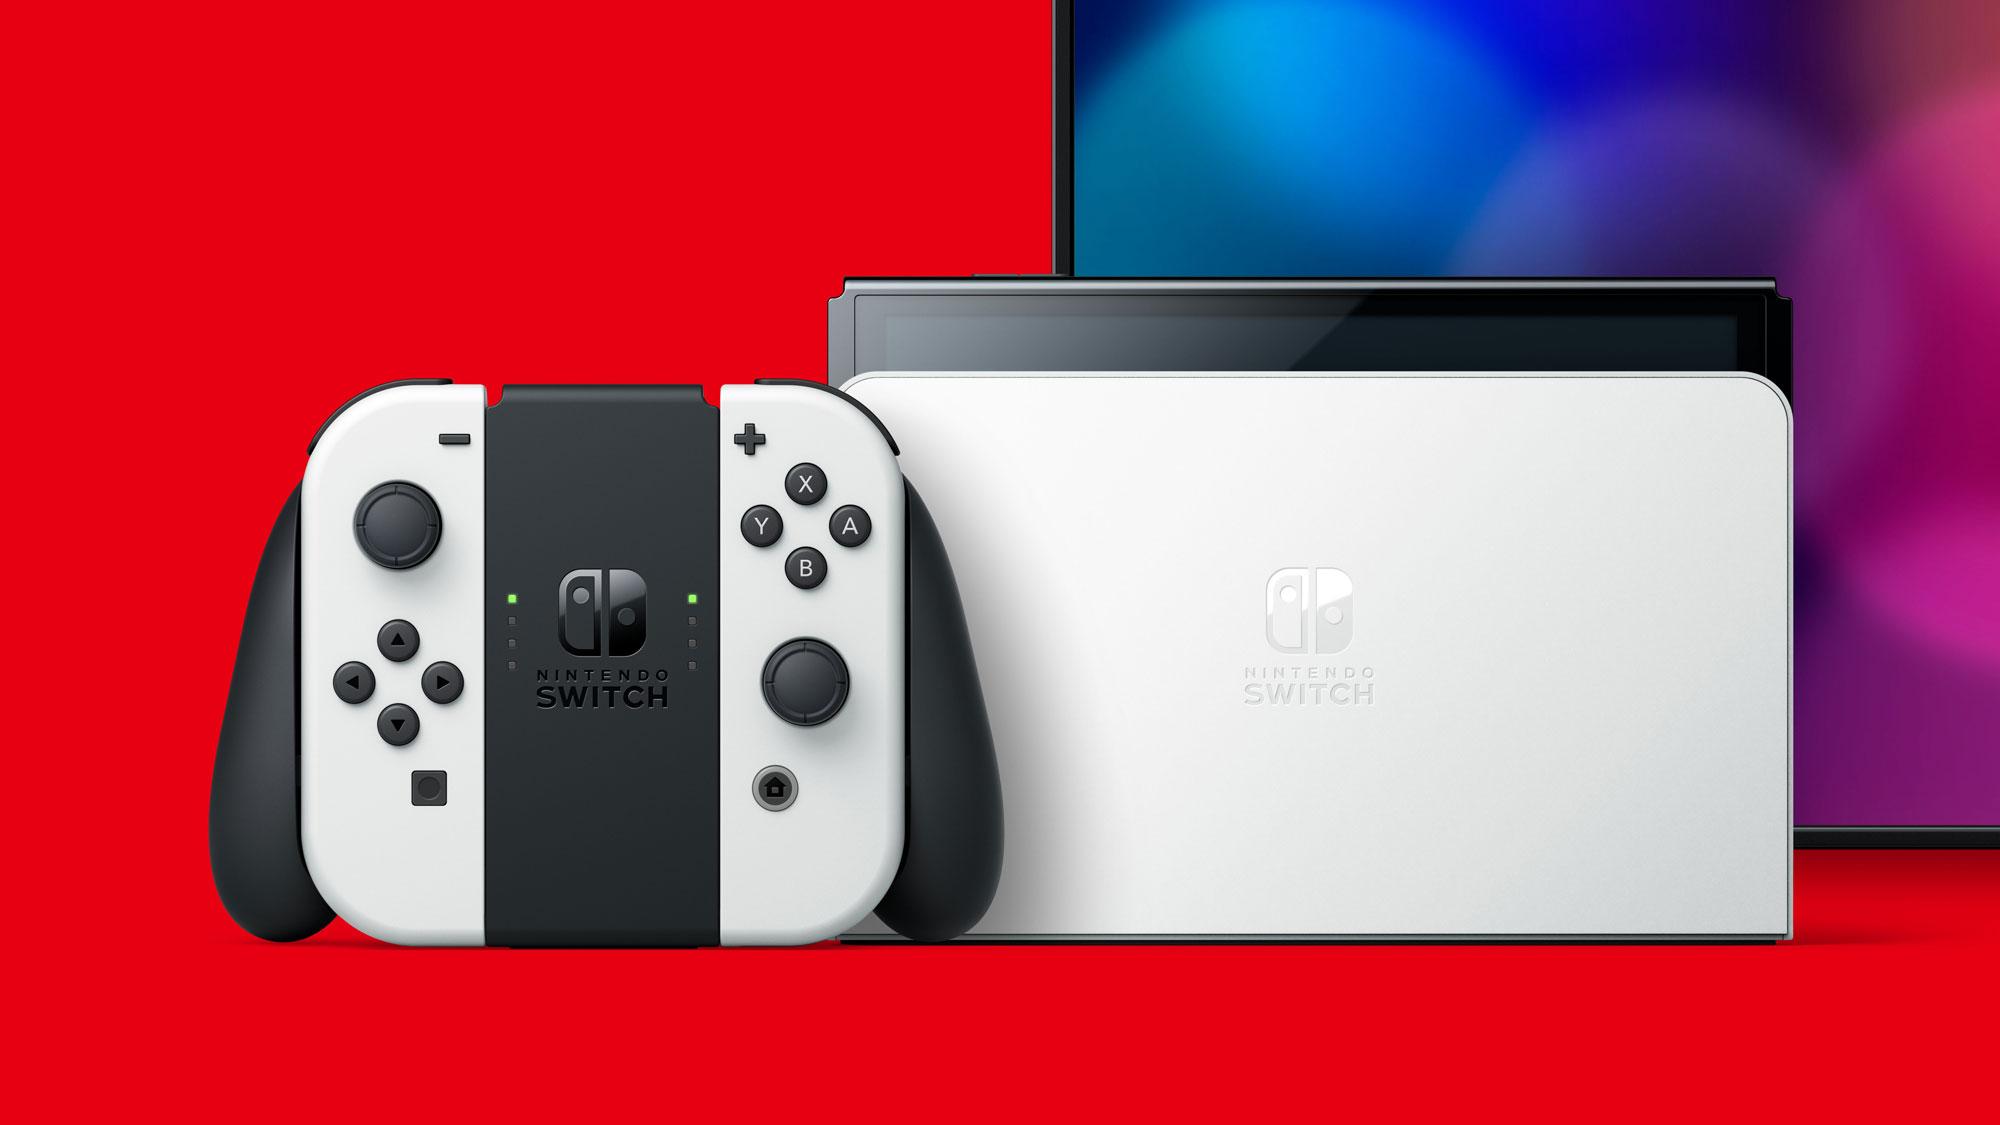 Nintendo-Switch-Oled-TVMode